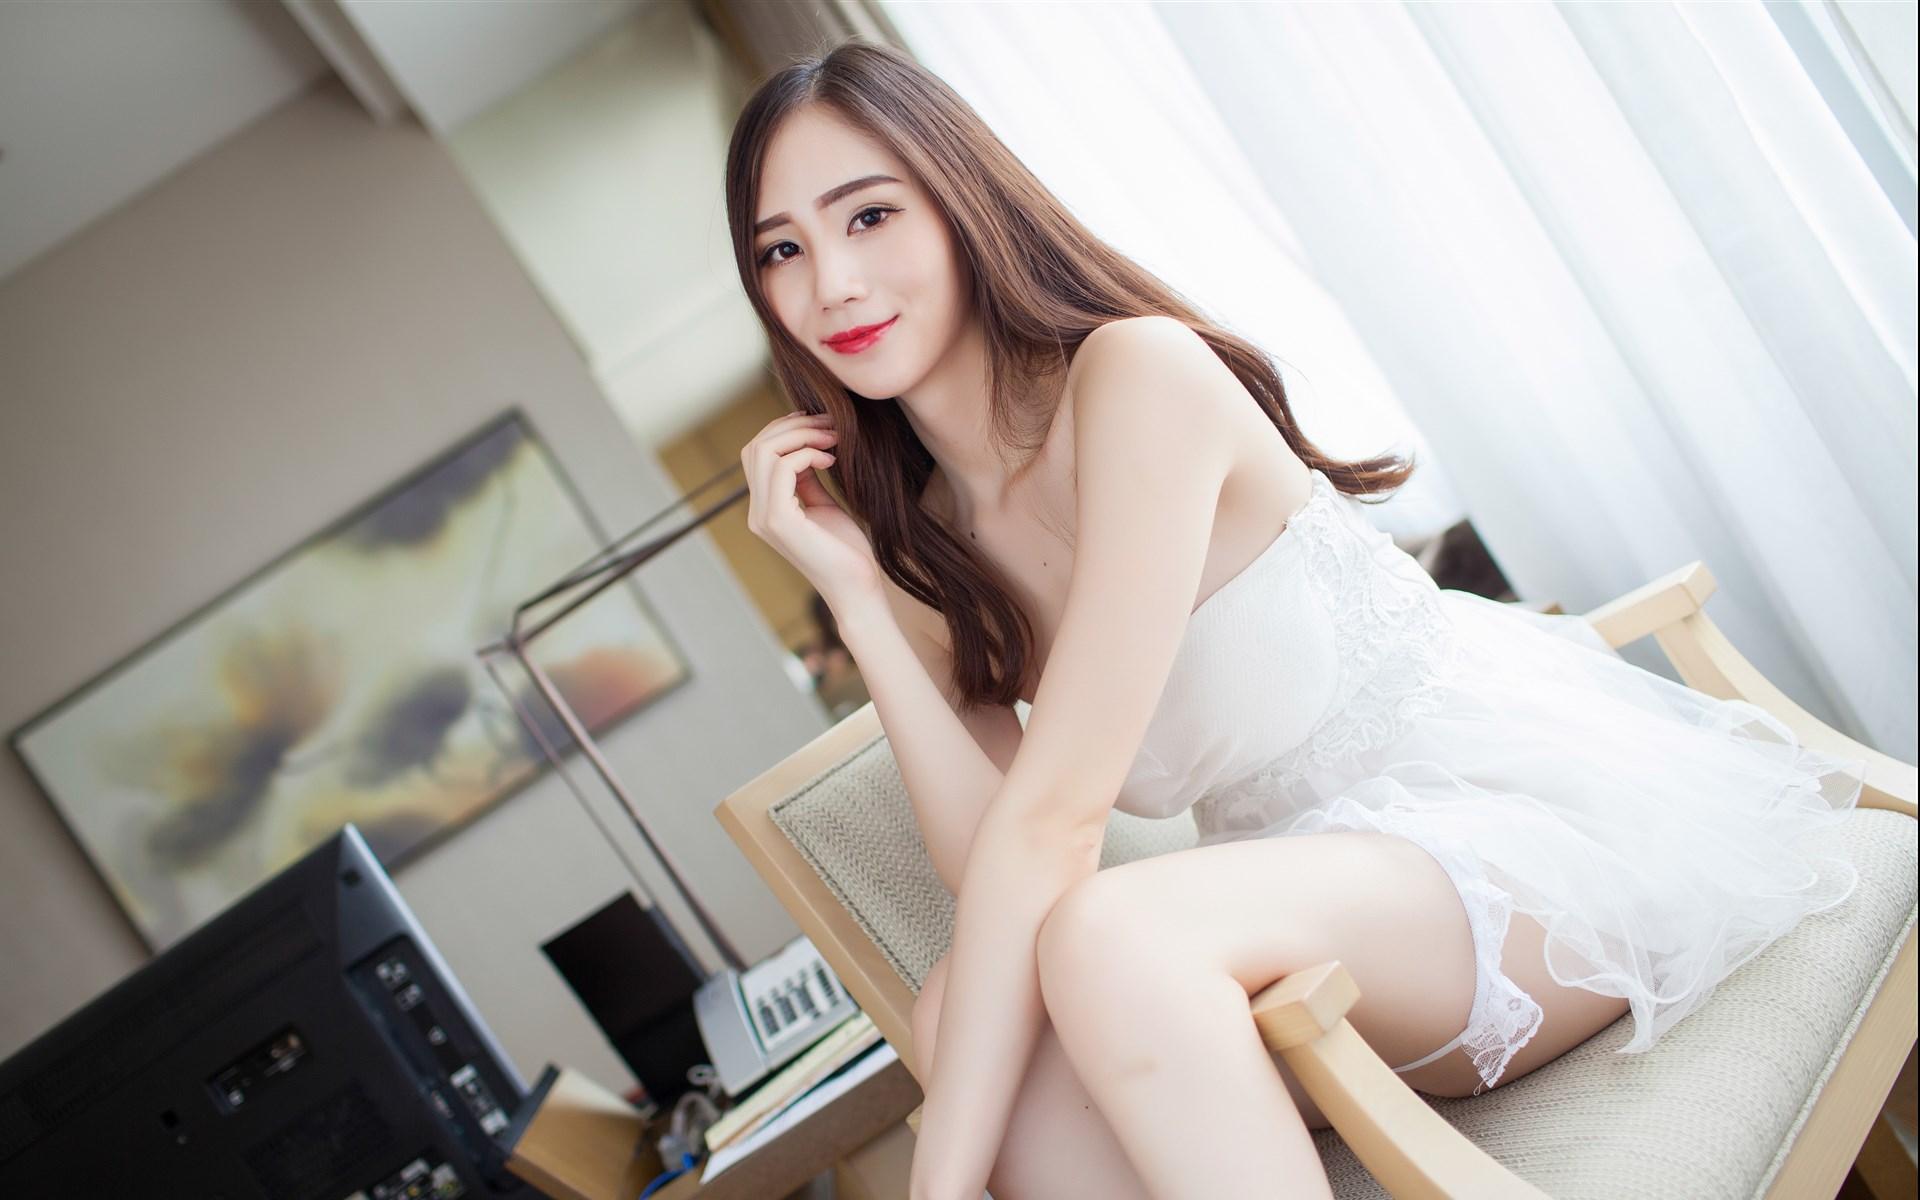 炸金花2018 最新版下载 【ybvip4187.com】-港澳台海外-海外-全部